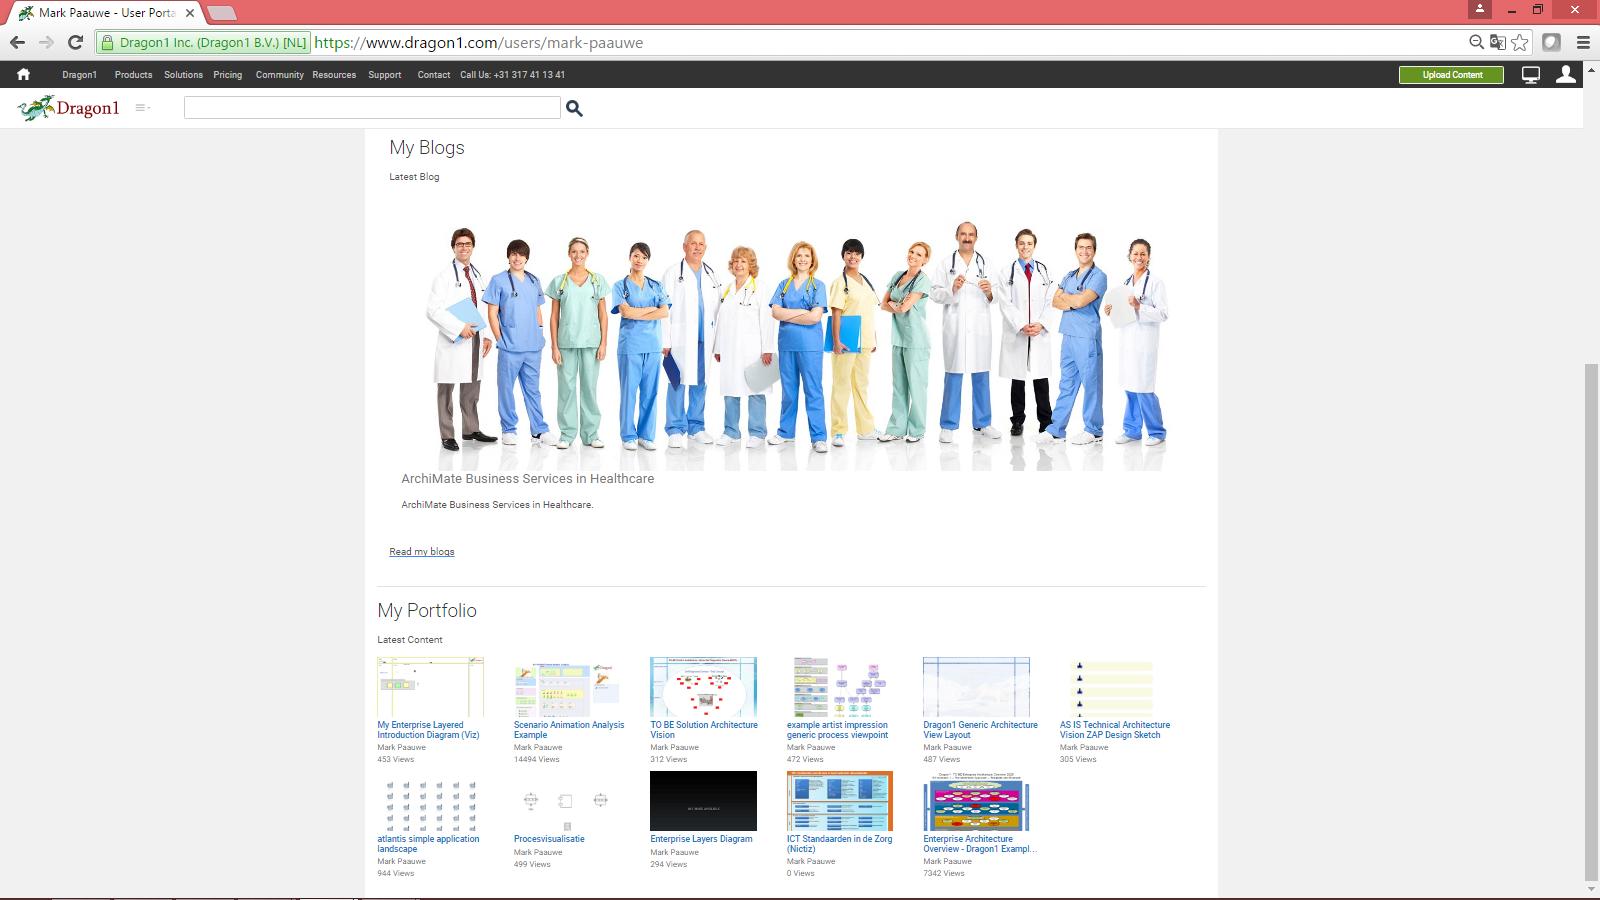 dragon1 visualizations in portfolio page